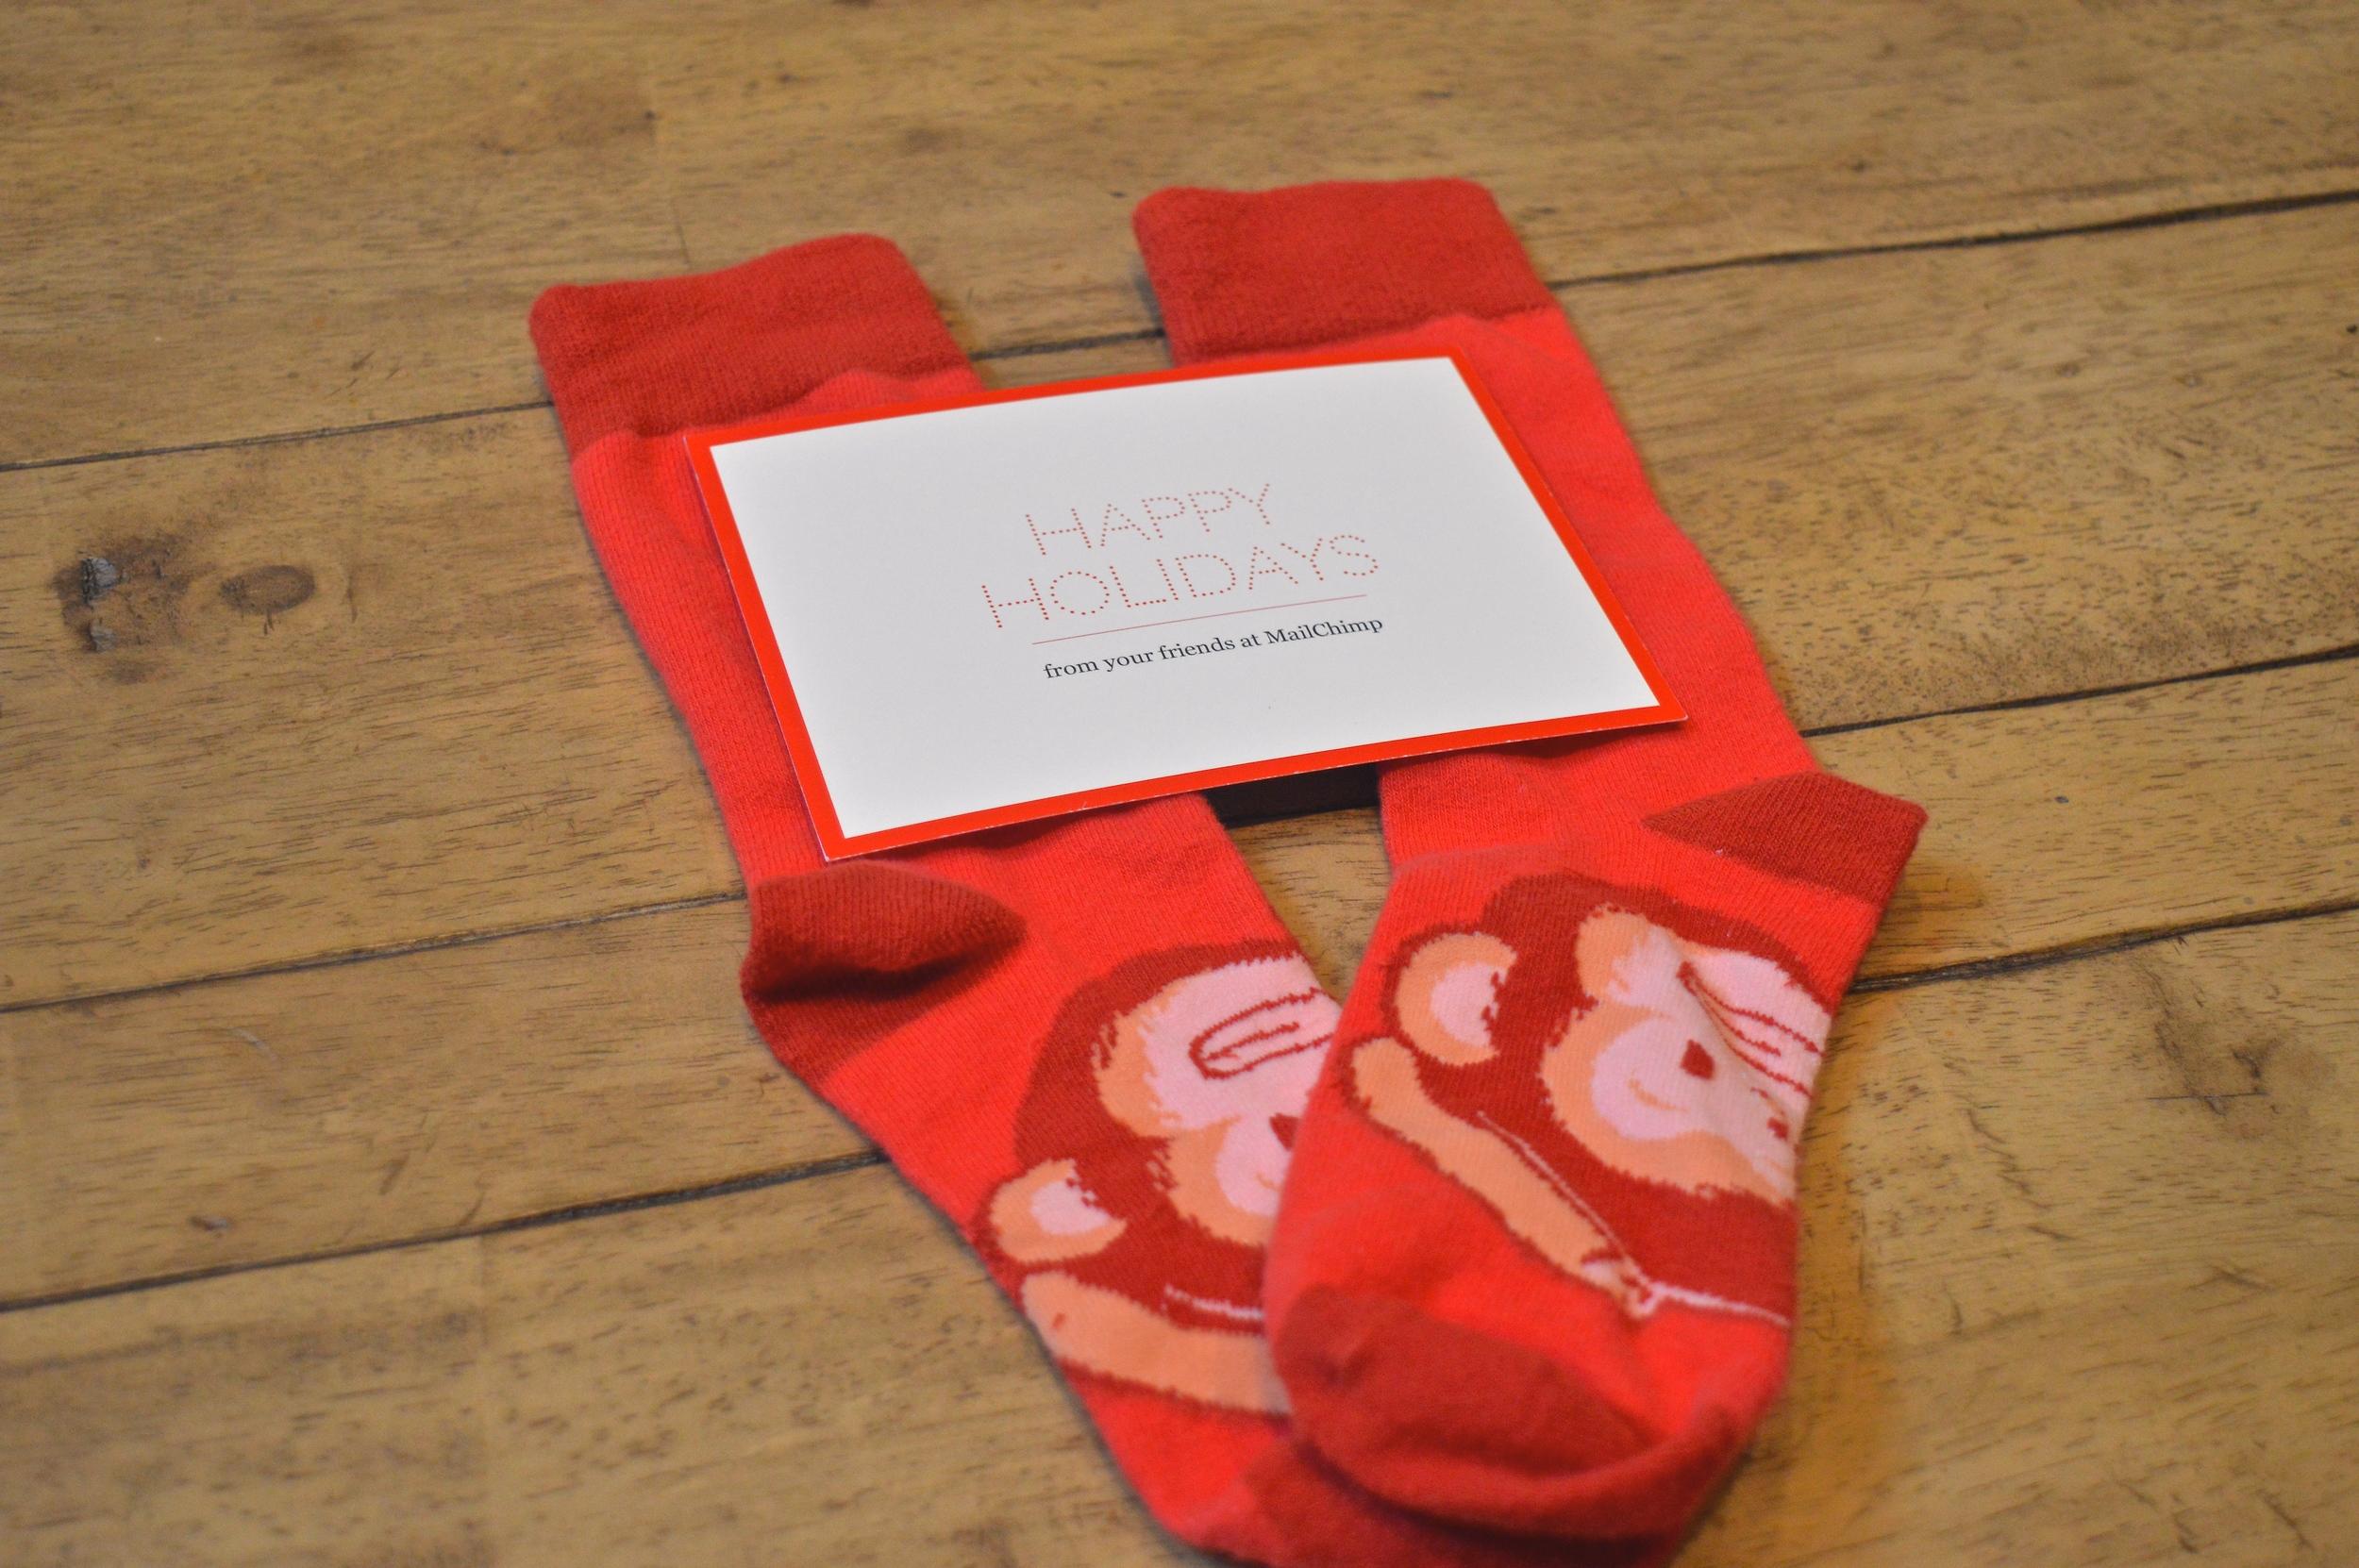 Mailchimp socks